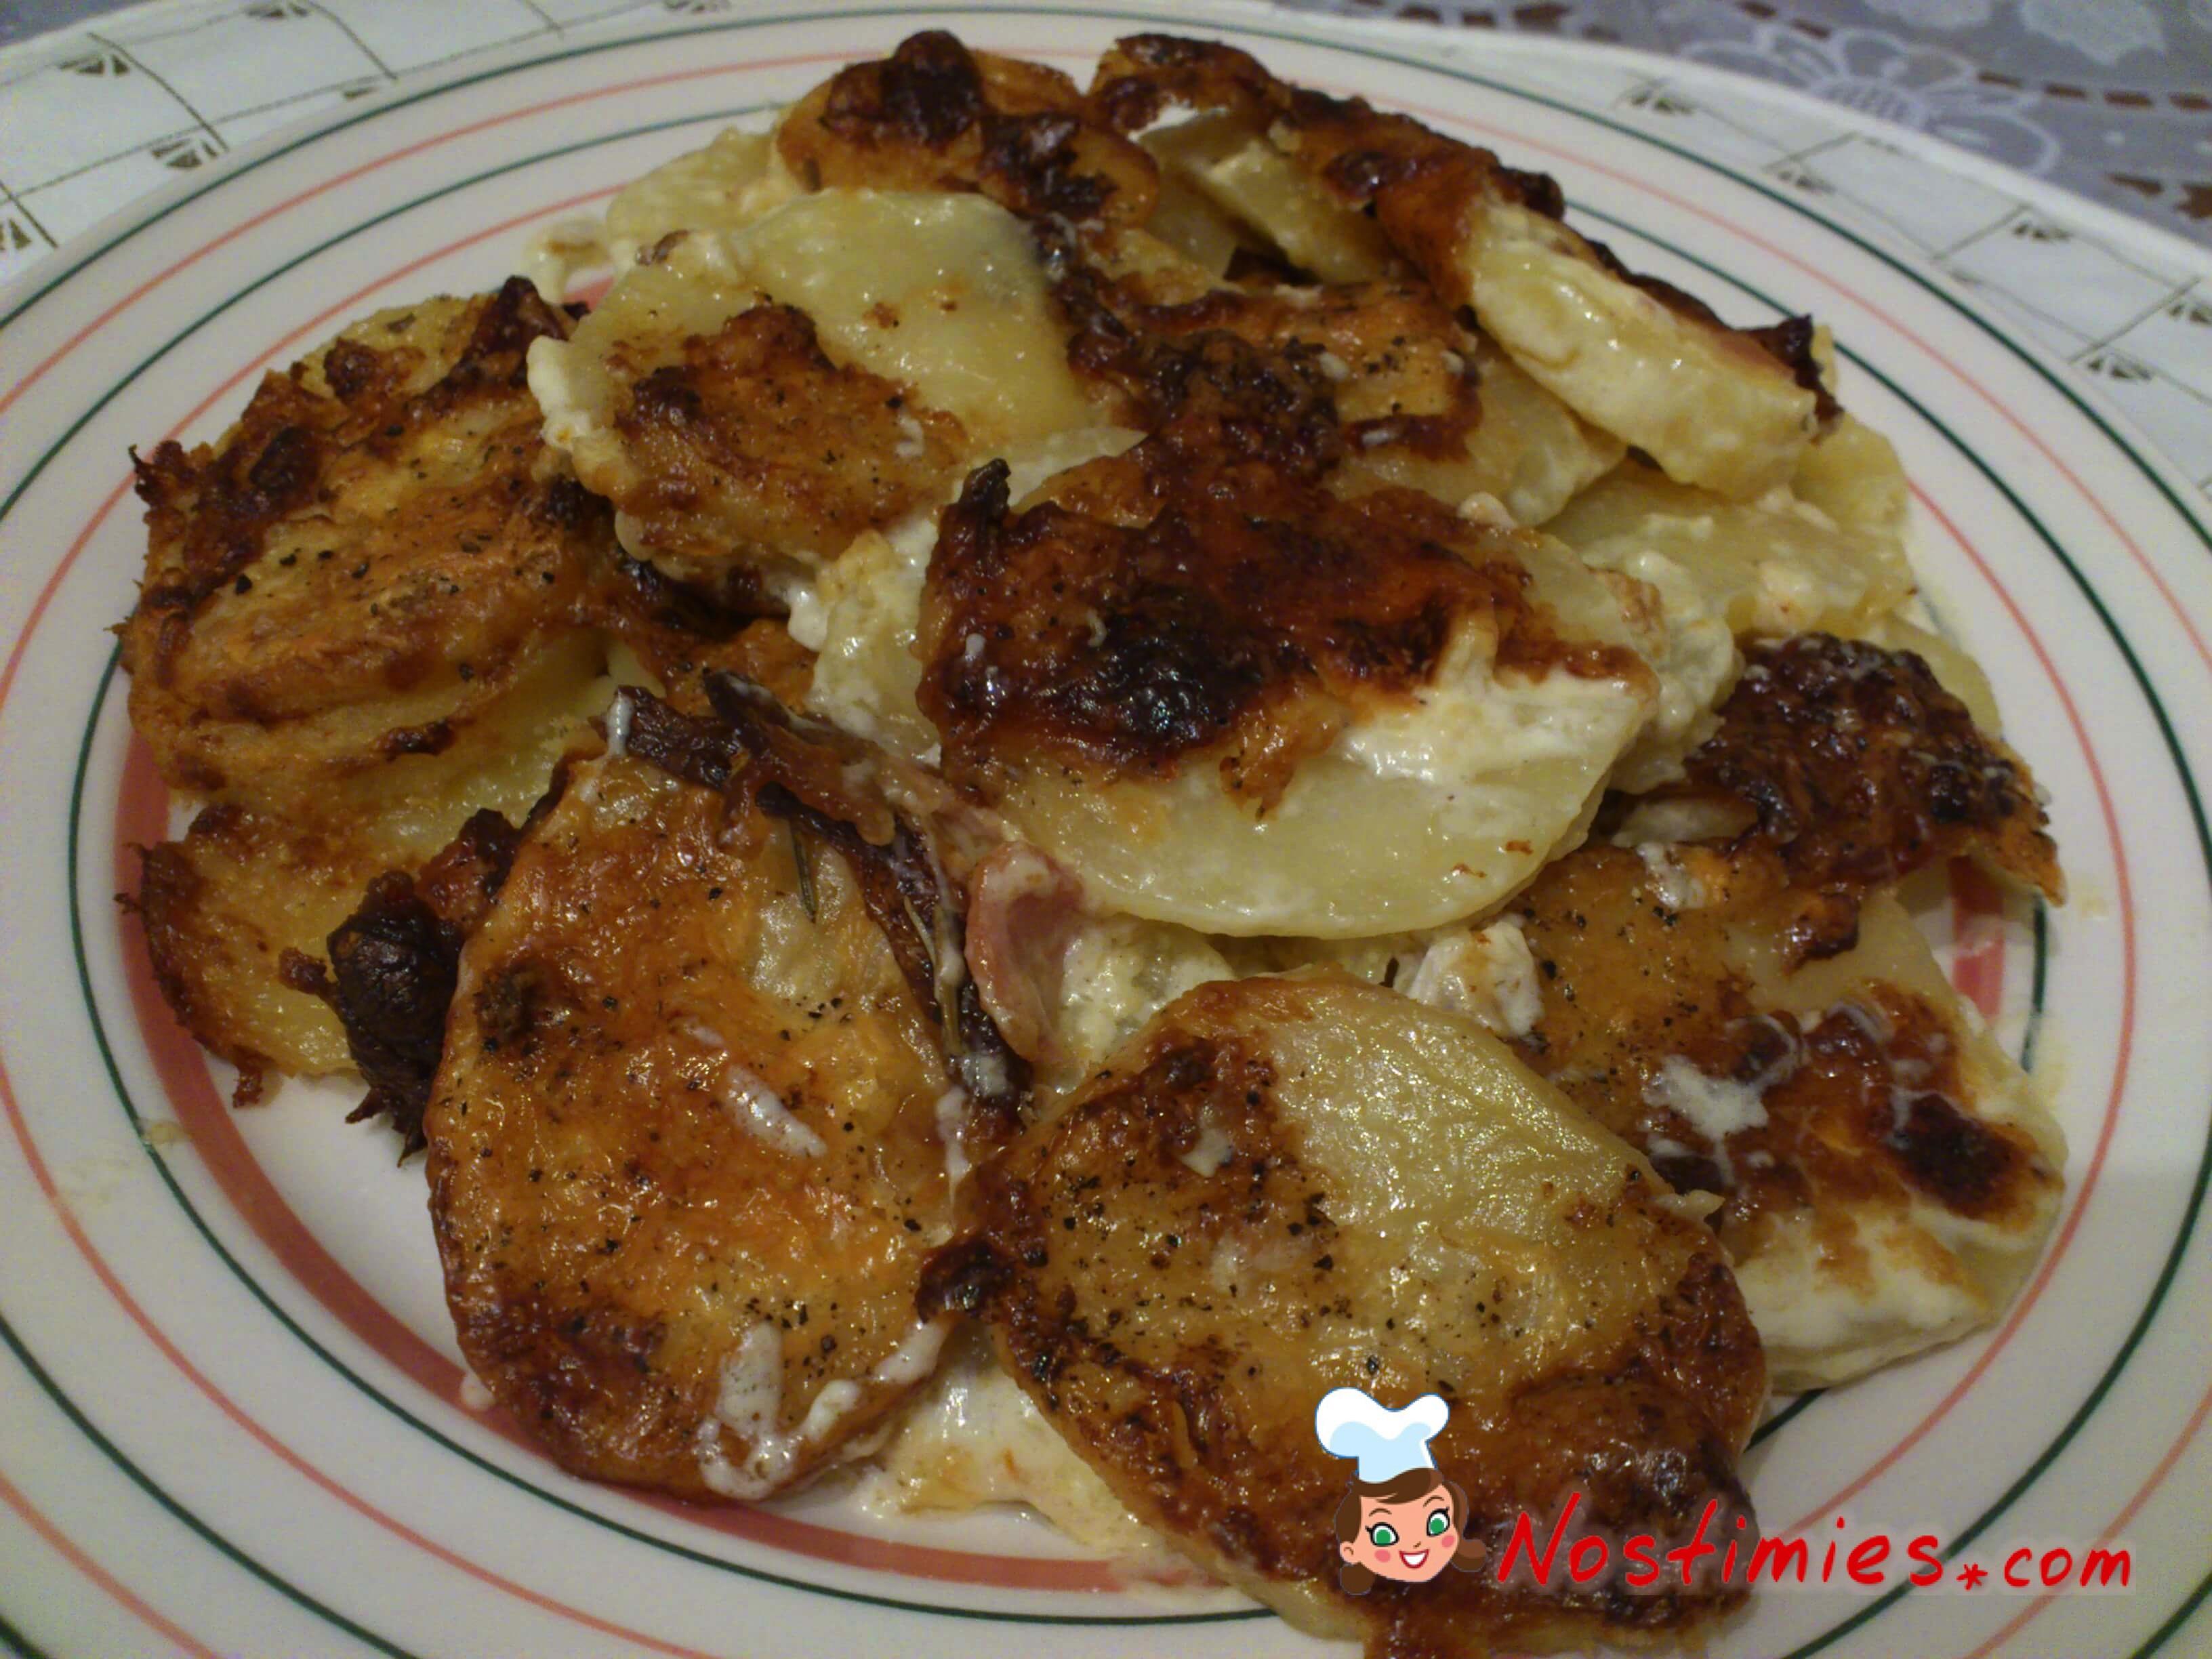 νόστιμες πατάτες στο φούρνο